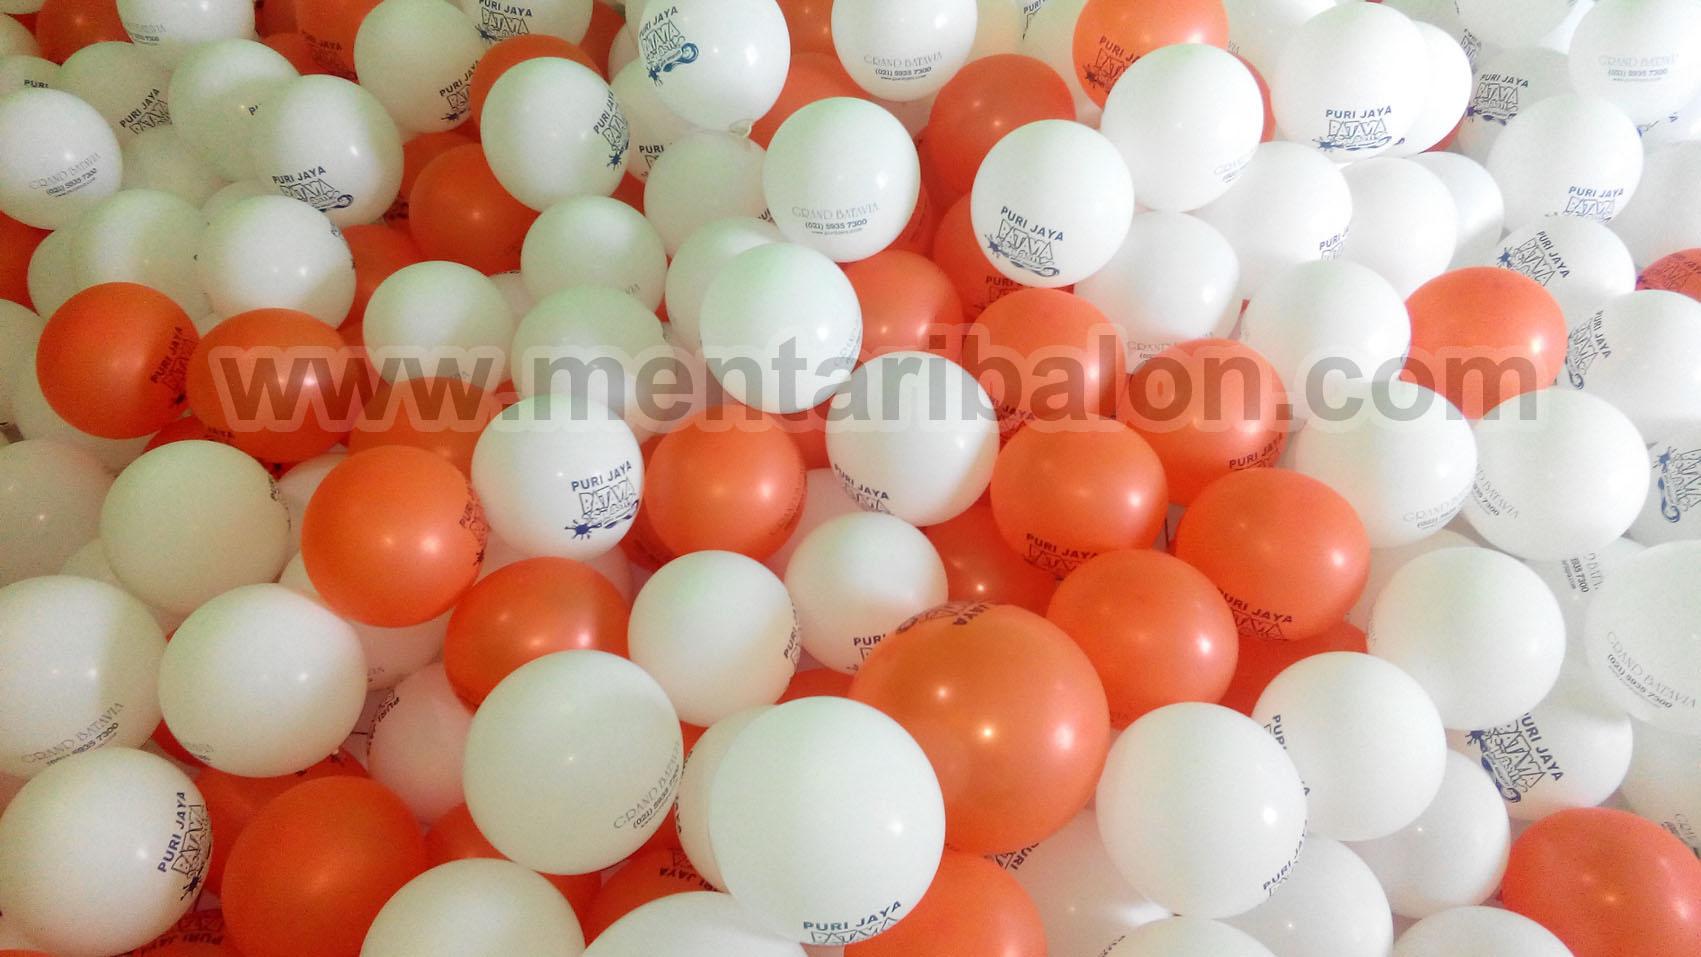 balon sablon puri jaya